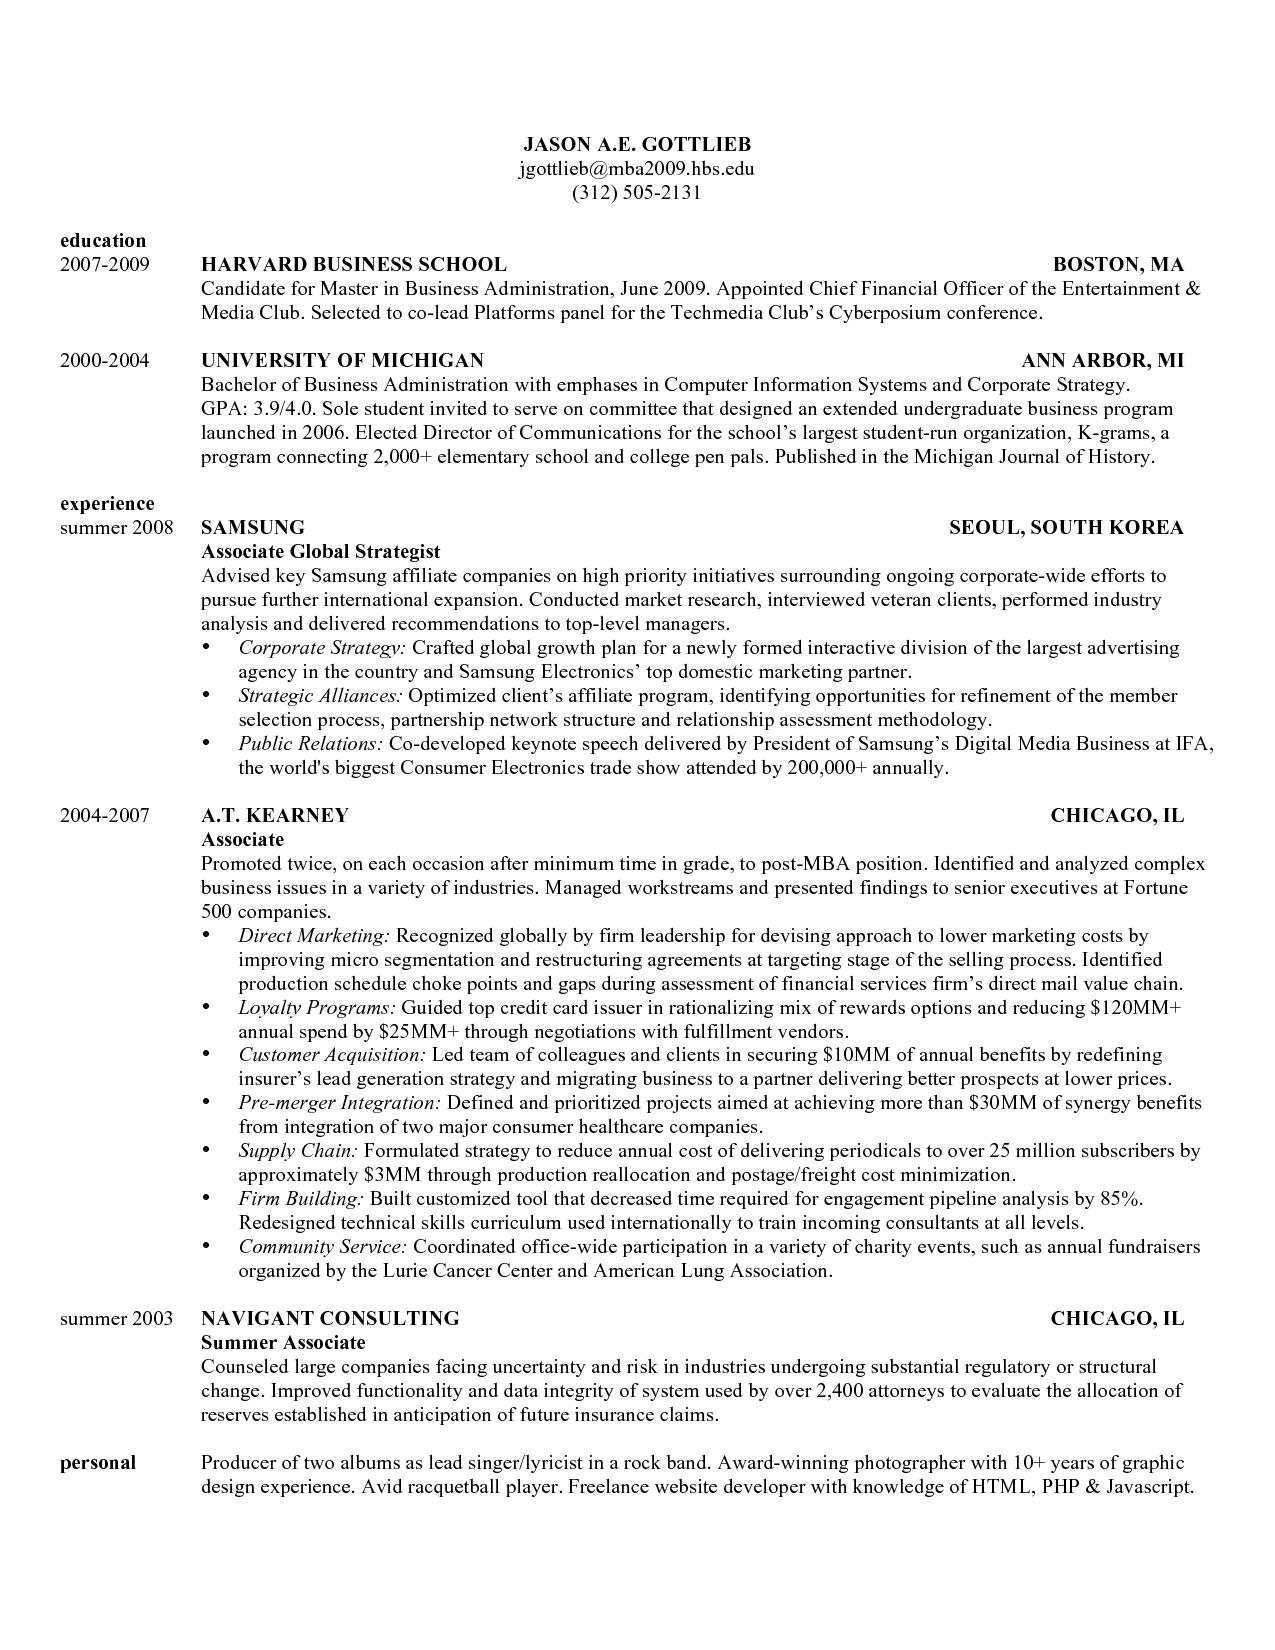 Resume Examples Harvard examples resume ResumeExamples